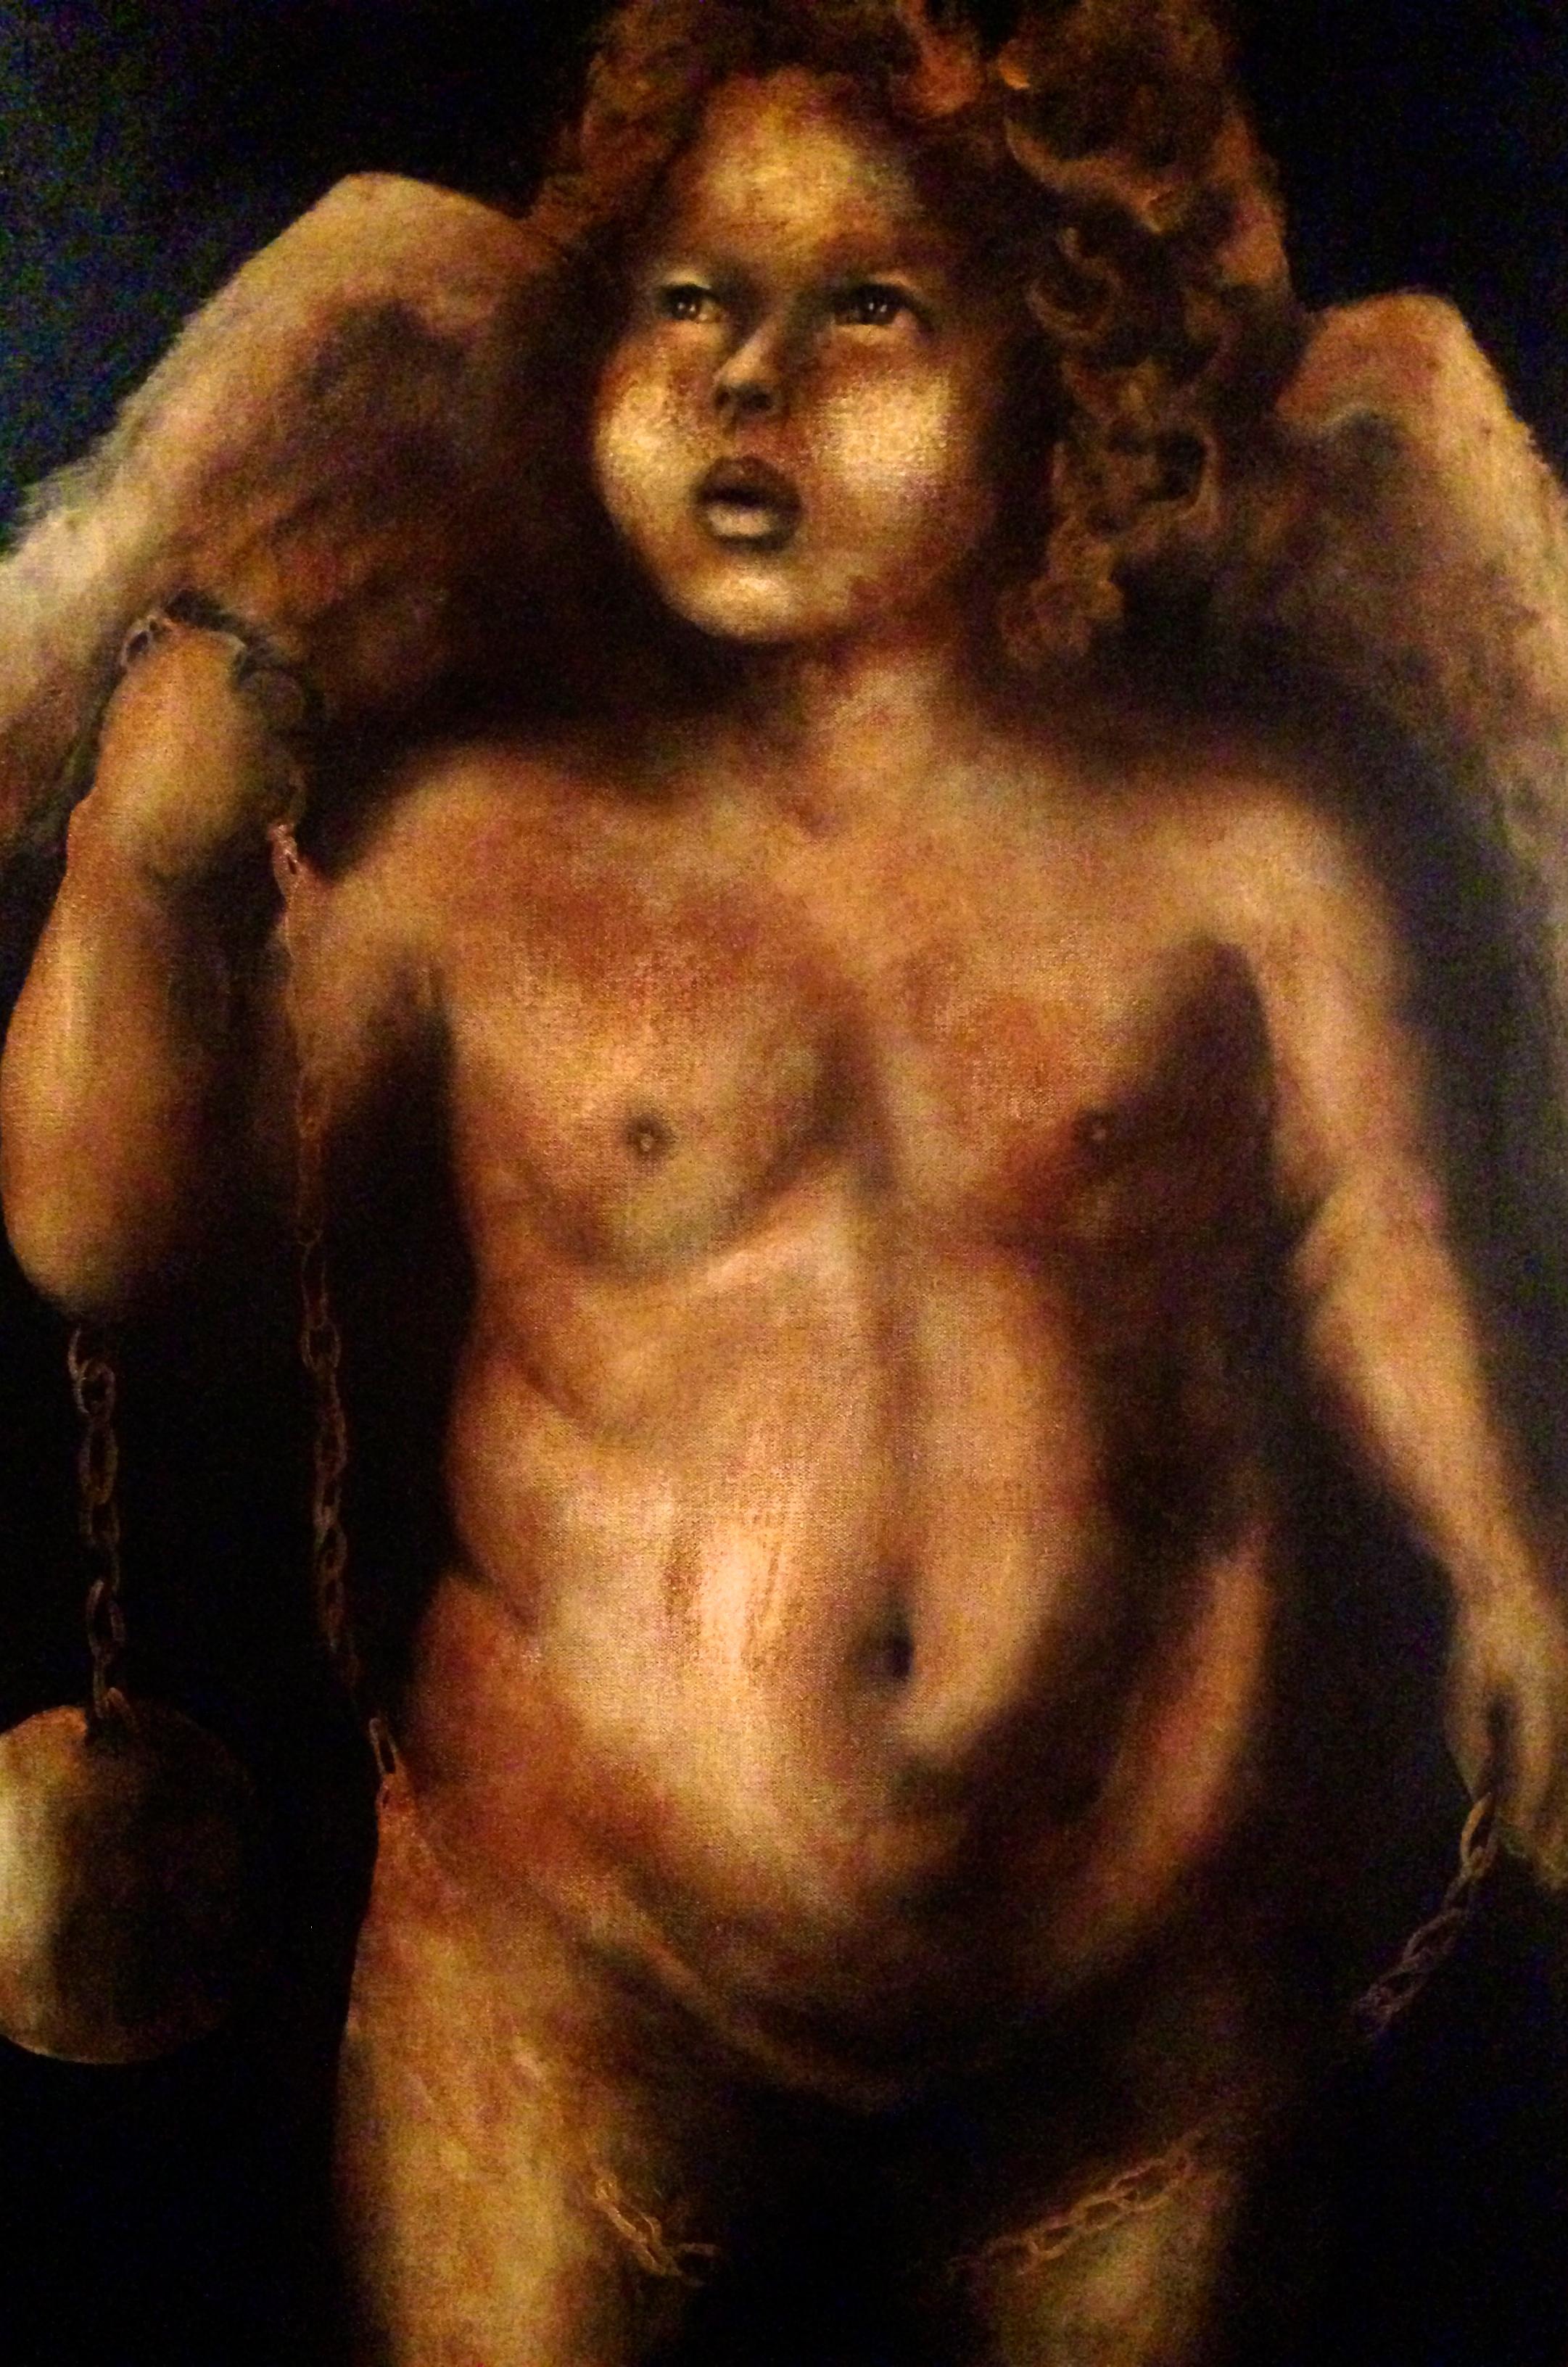 Cupid's Ball & Chain, 2015   Acrylic & oil on canvas